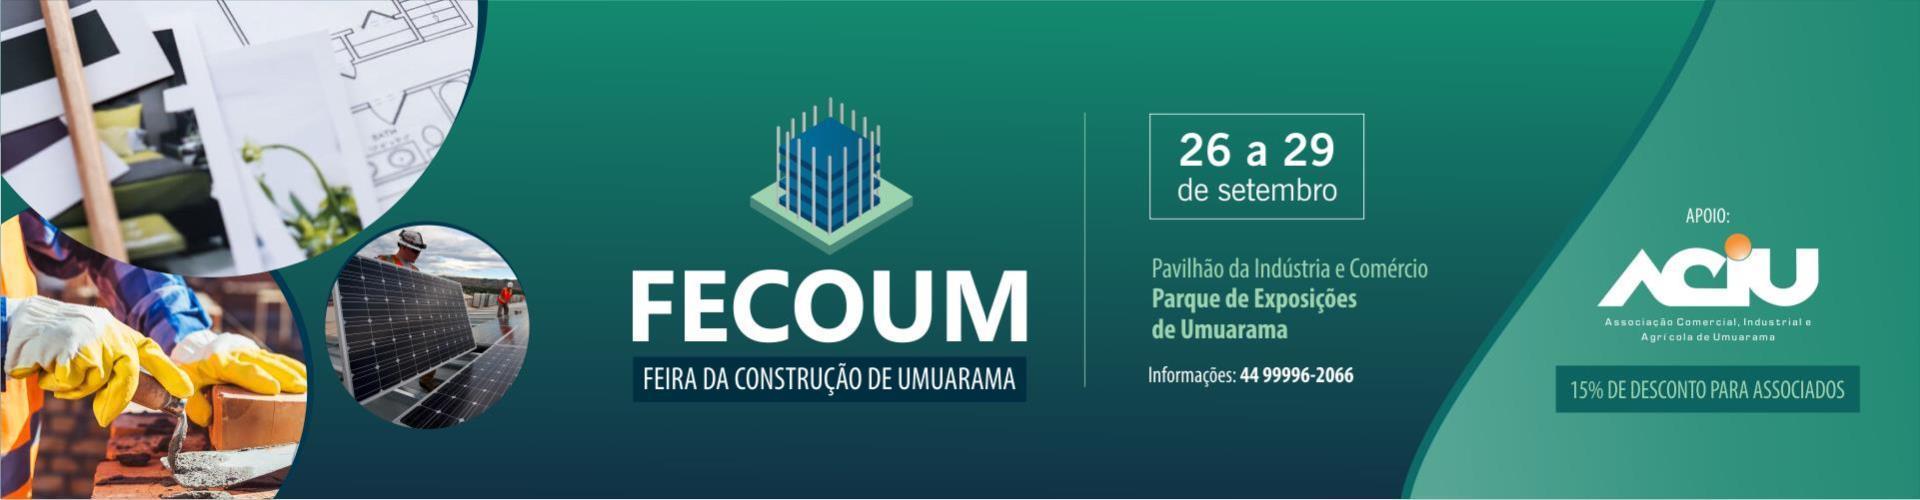 FECOMU Feira da Construção de Umuarama